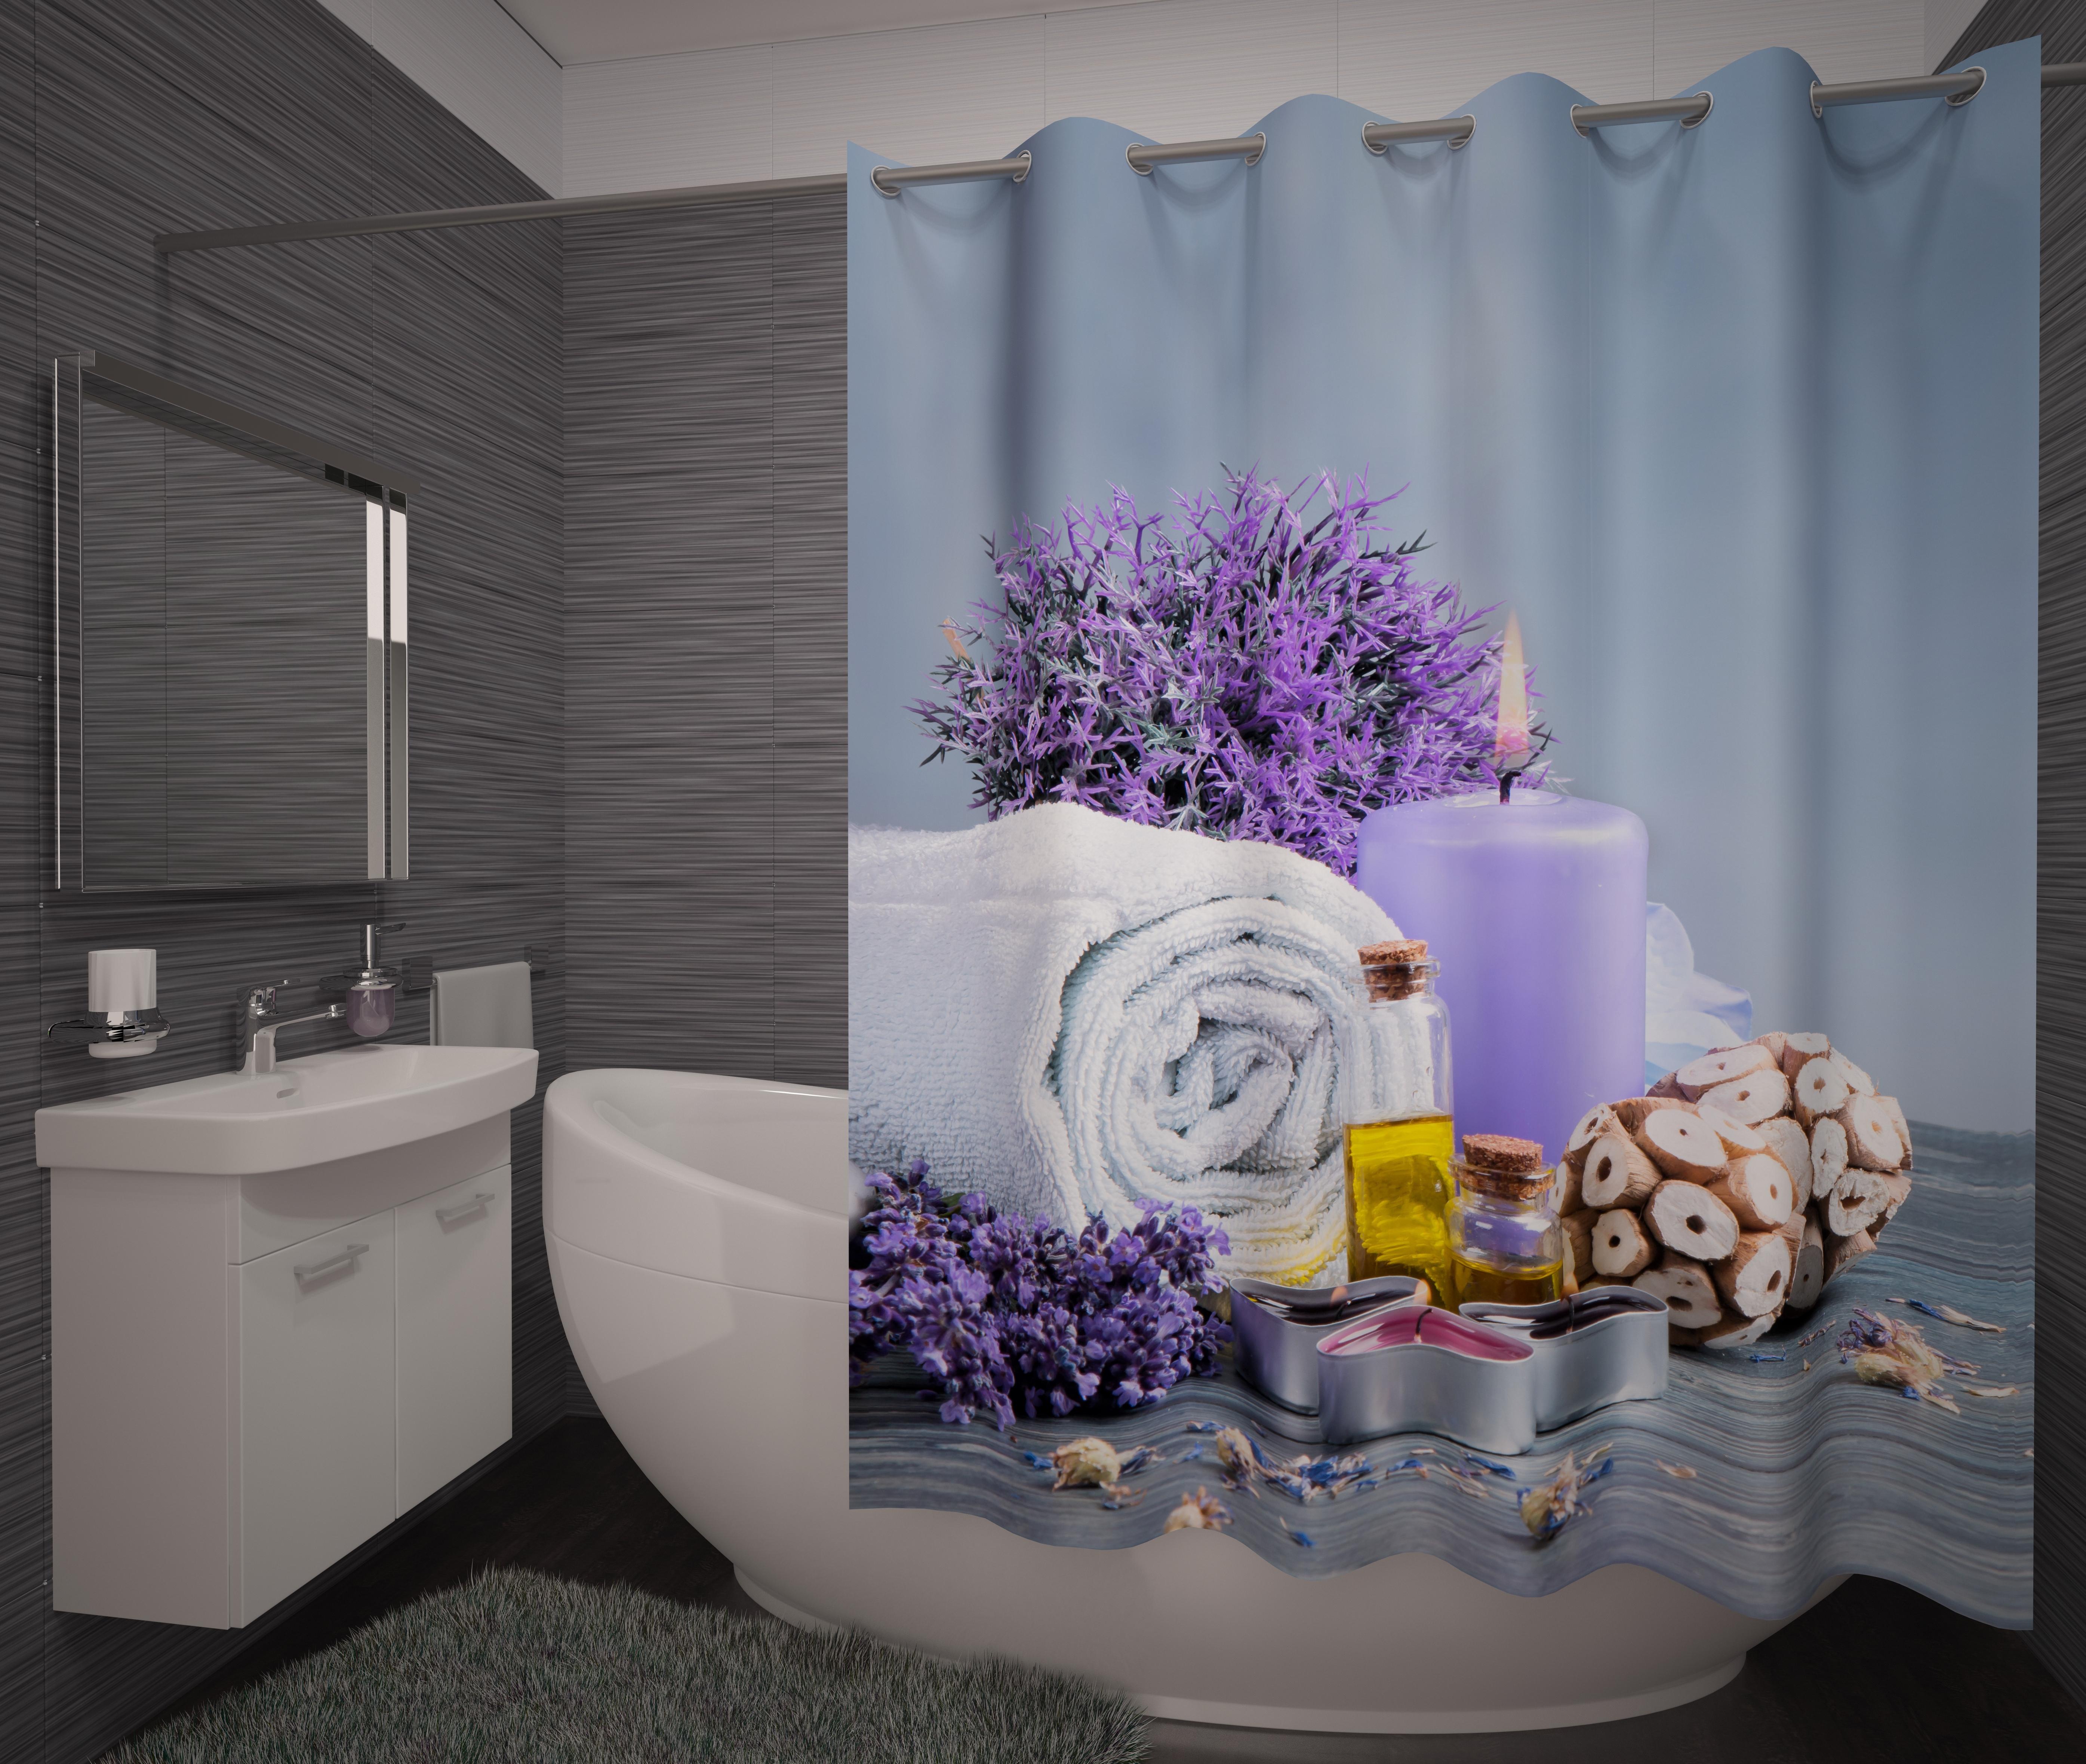 Шторы и карнизы для ванной Fototende Фотошторы для ванной Eternty шторы fototende фотошторы таинственный лебедь